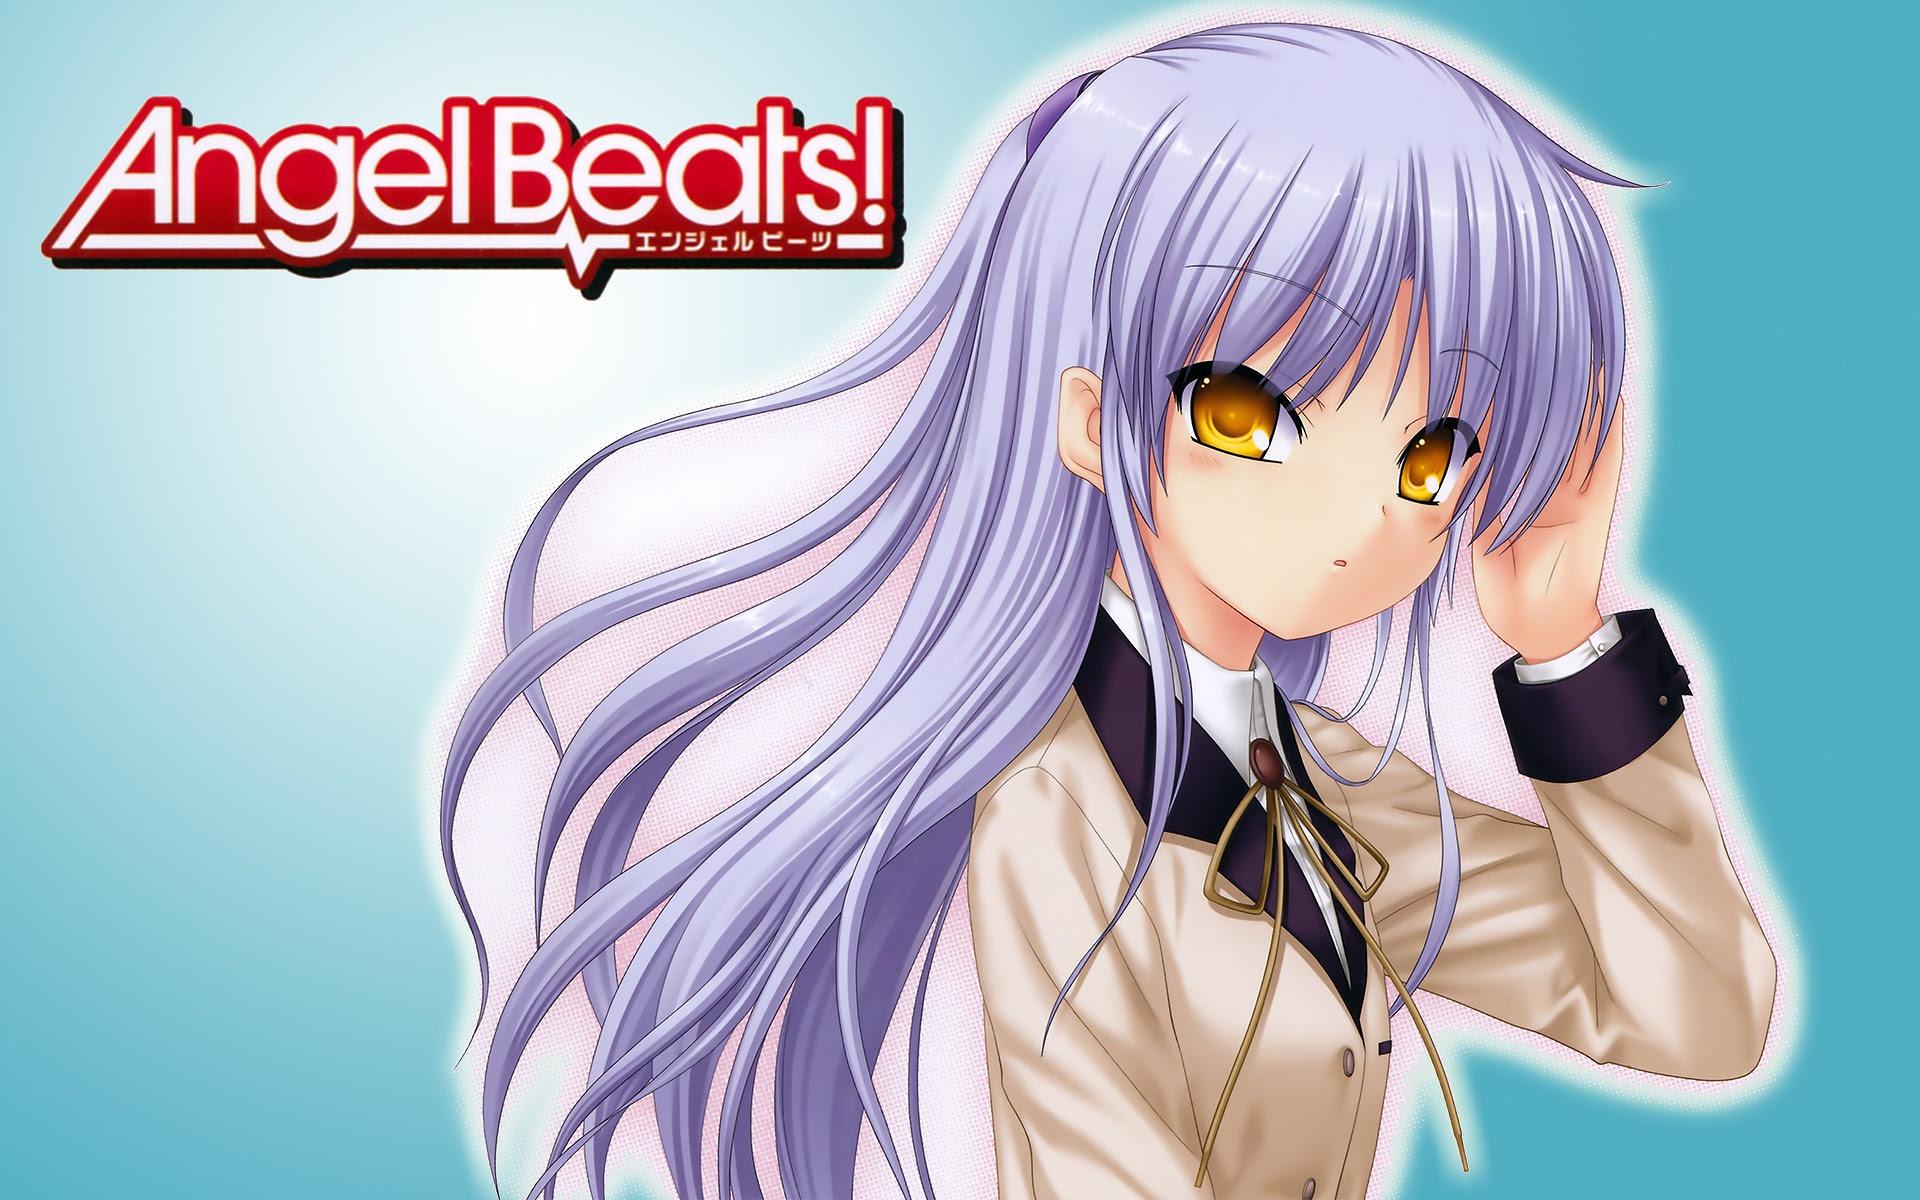 Angel Beats 天使ちゃん画像特集 とかしよう 厳選100枚